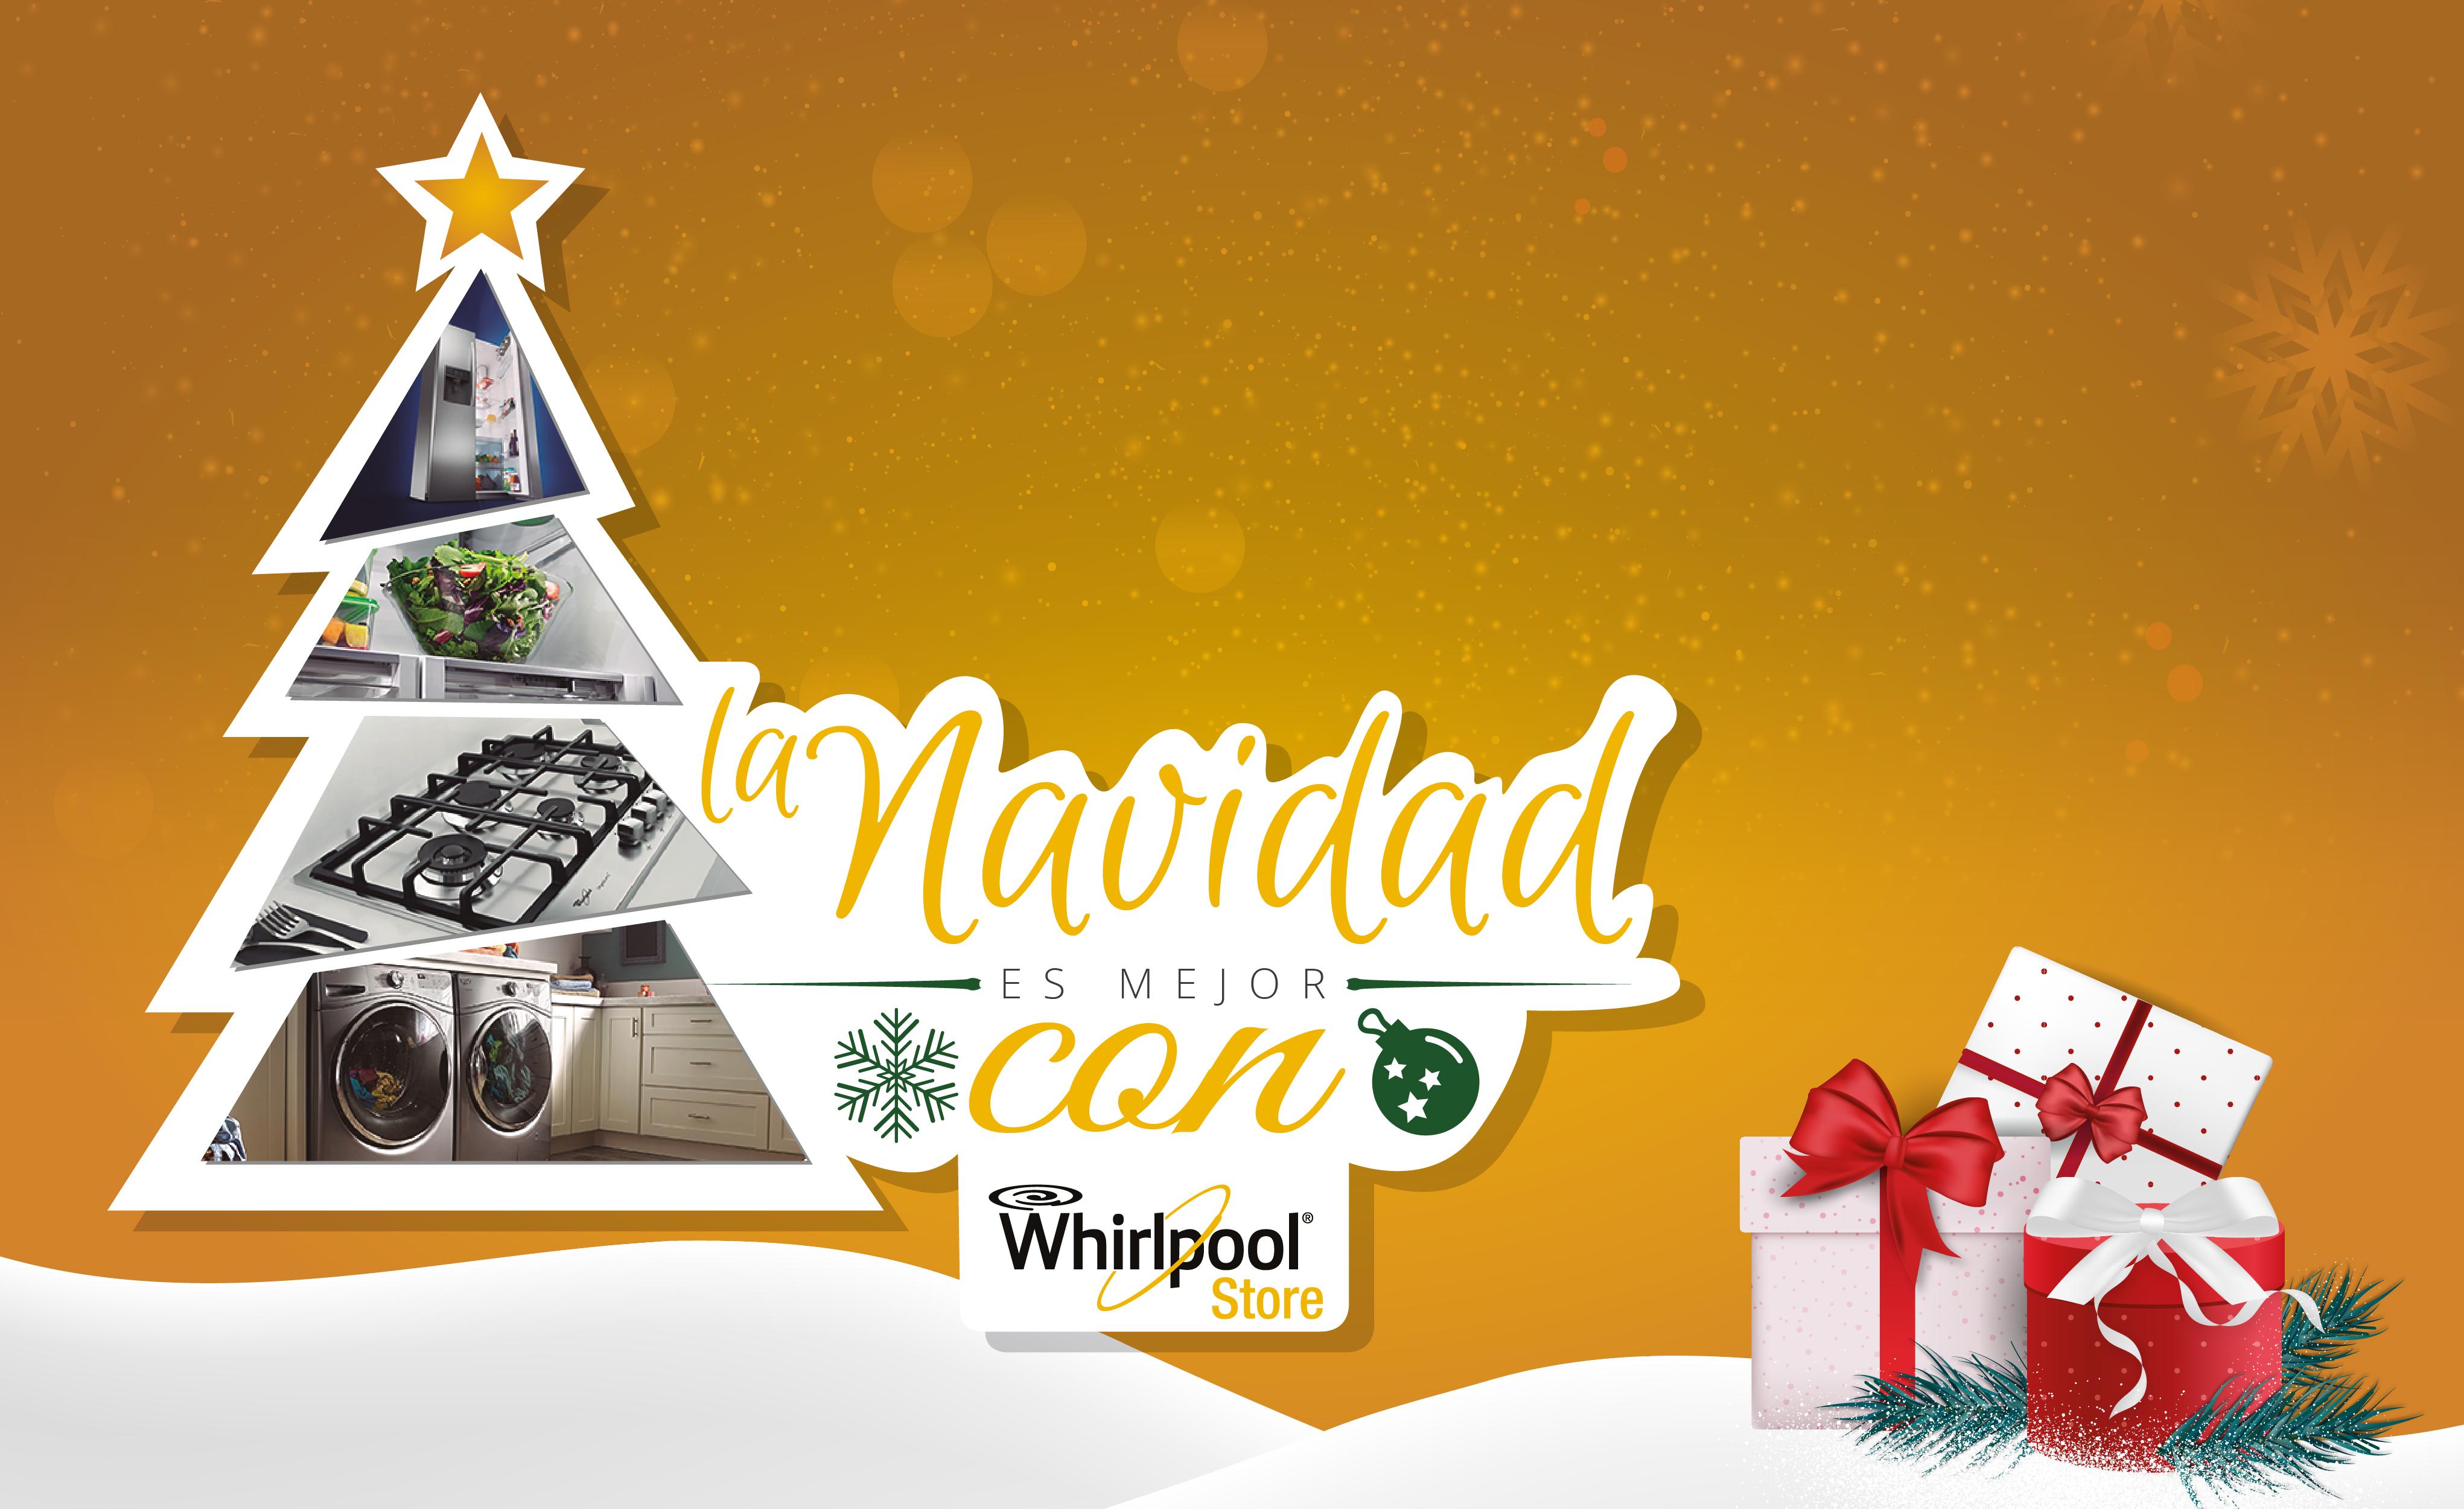 Whirlpool Store